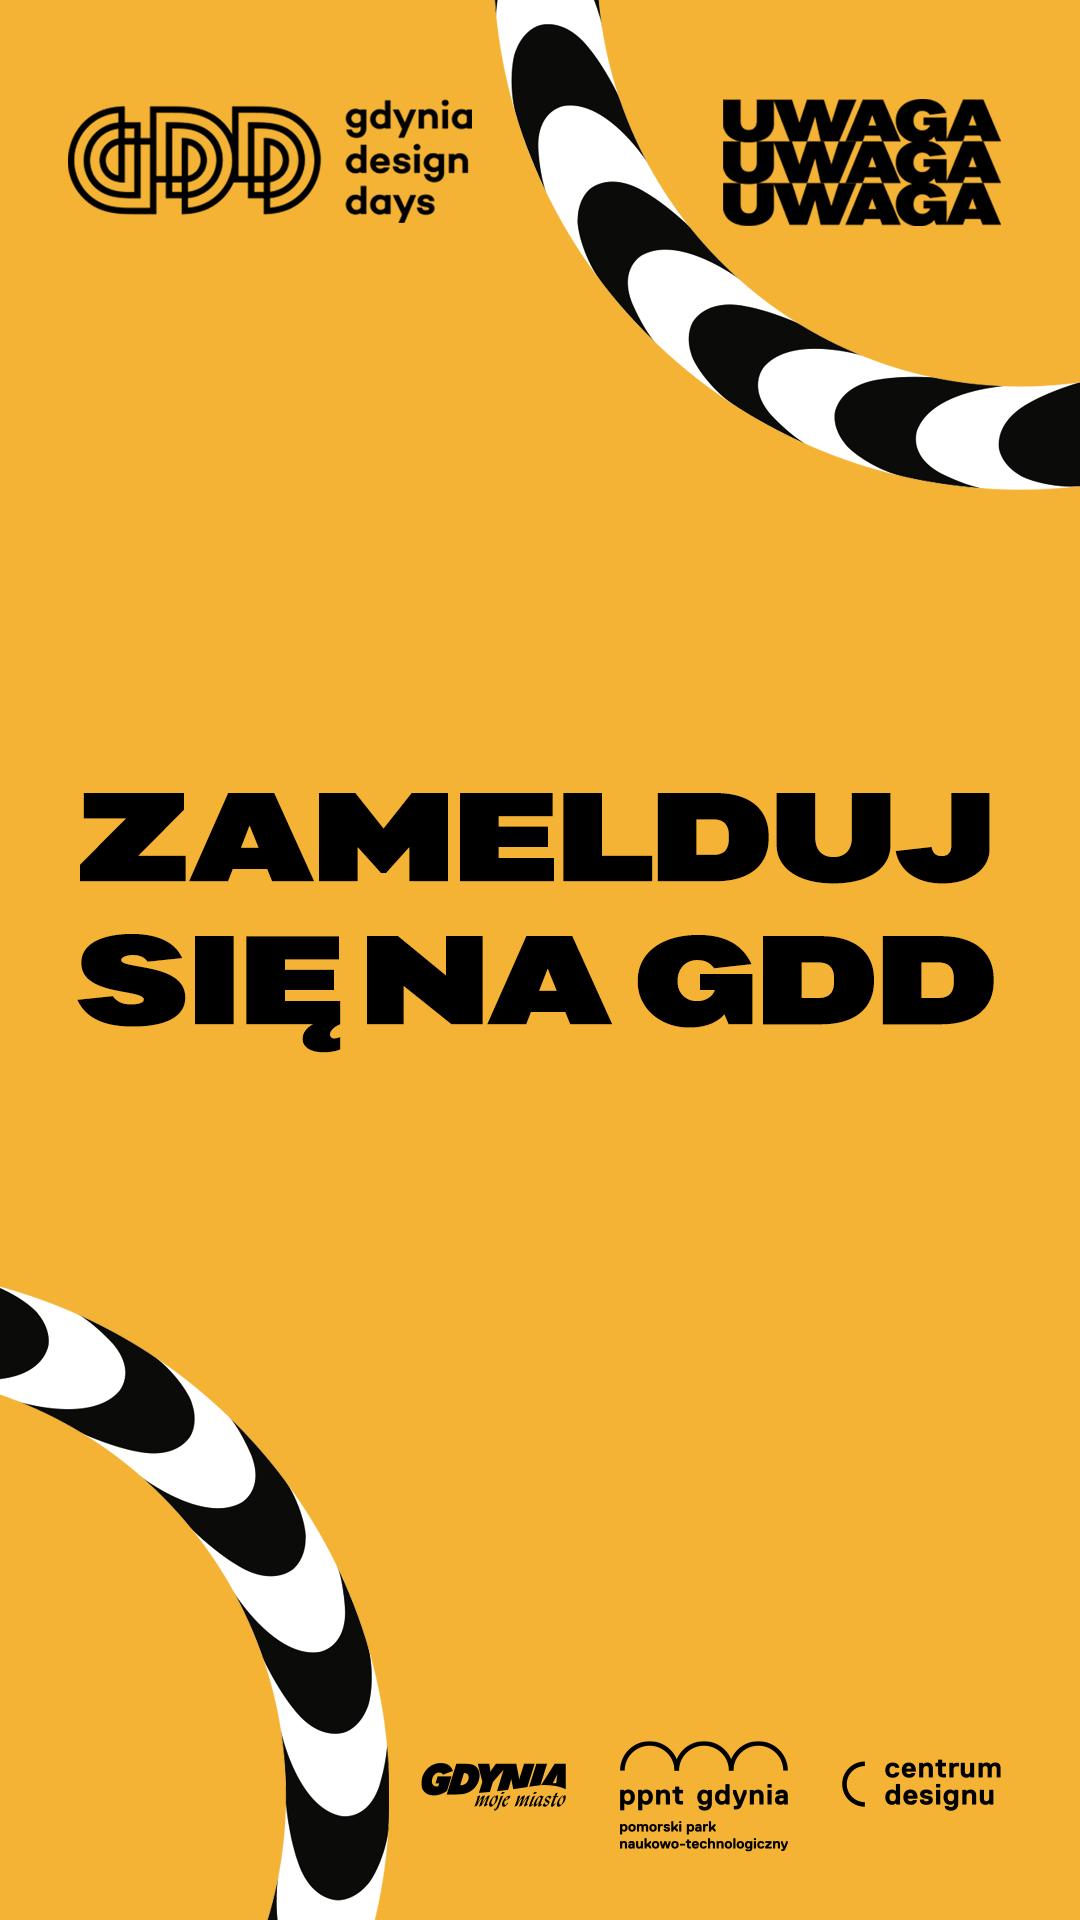 gdd-2